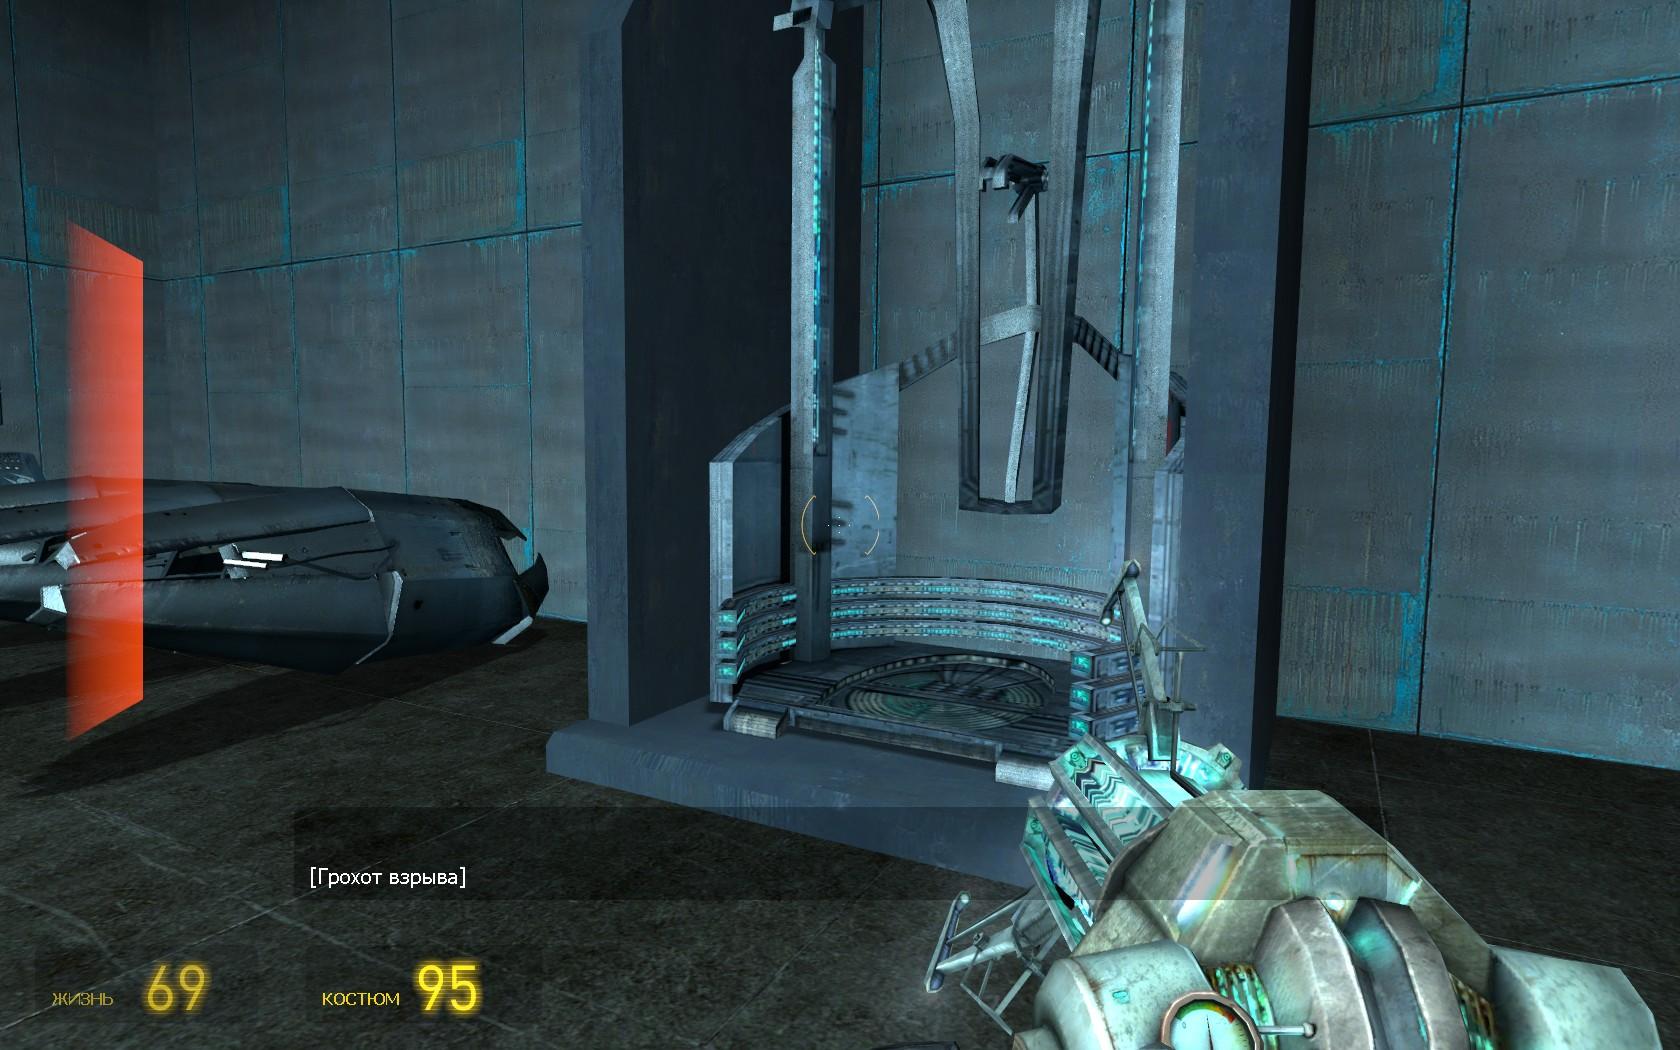 combines_rooms0029 - Half-Life 2 combines_rooms0029